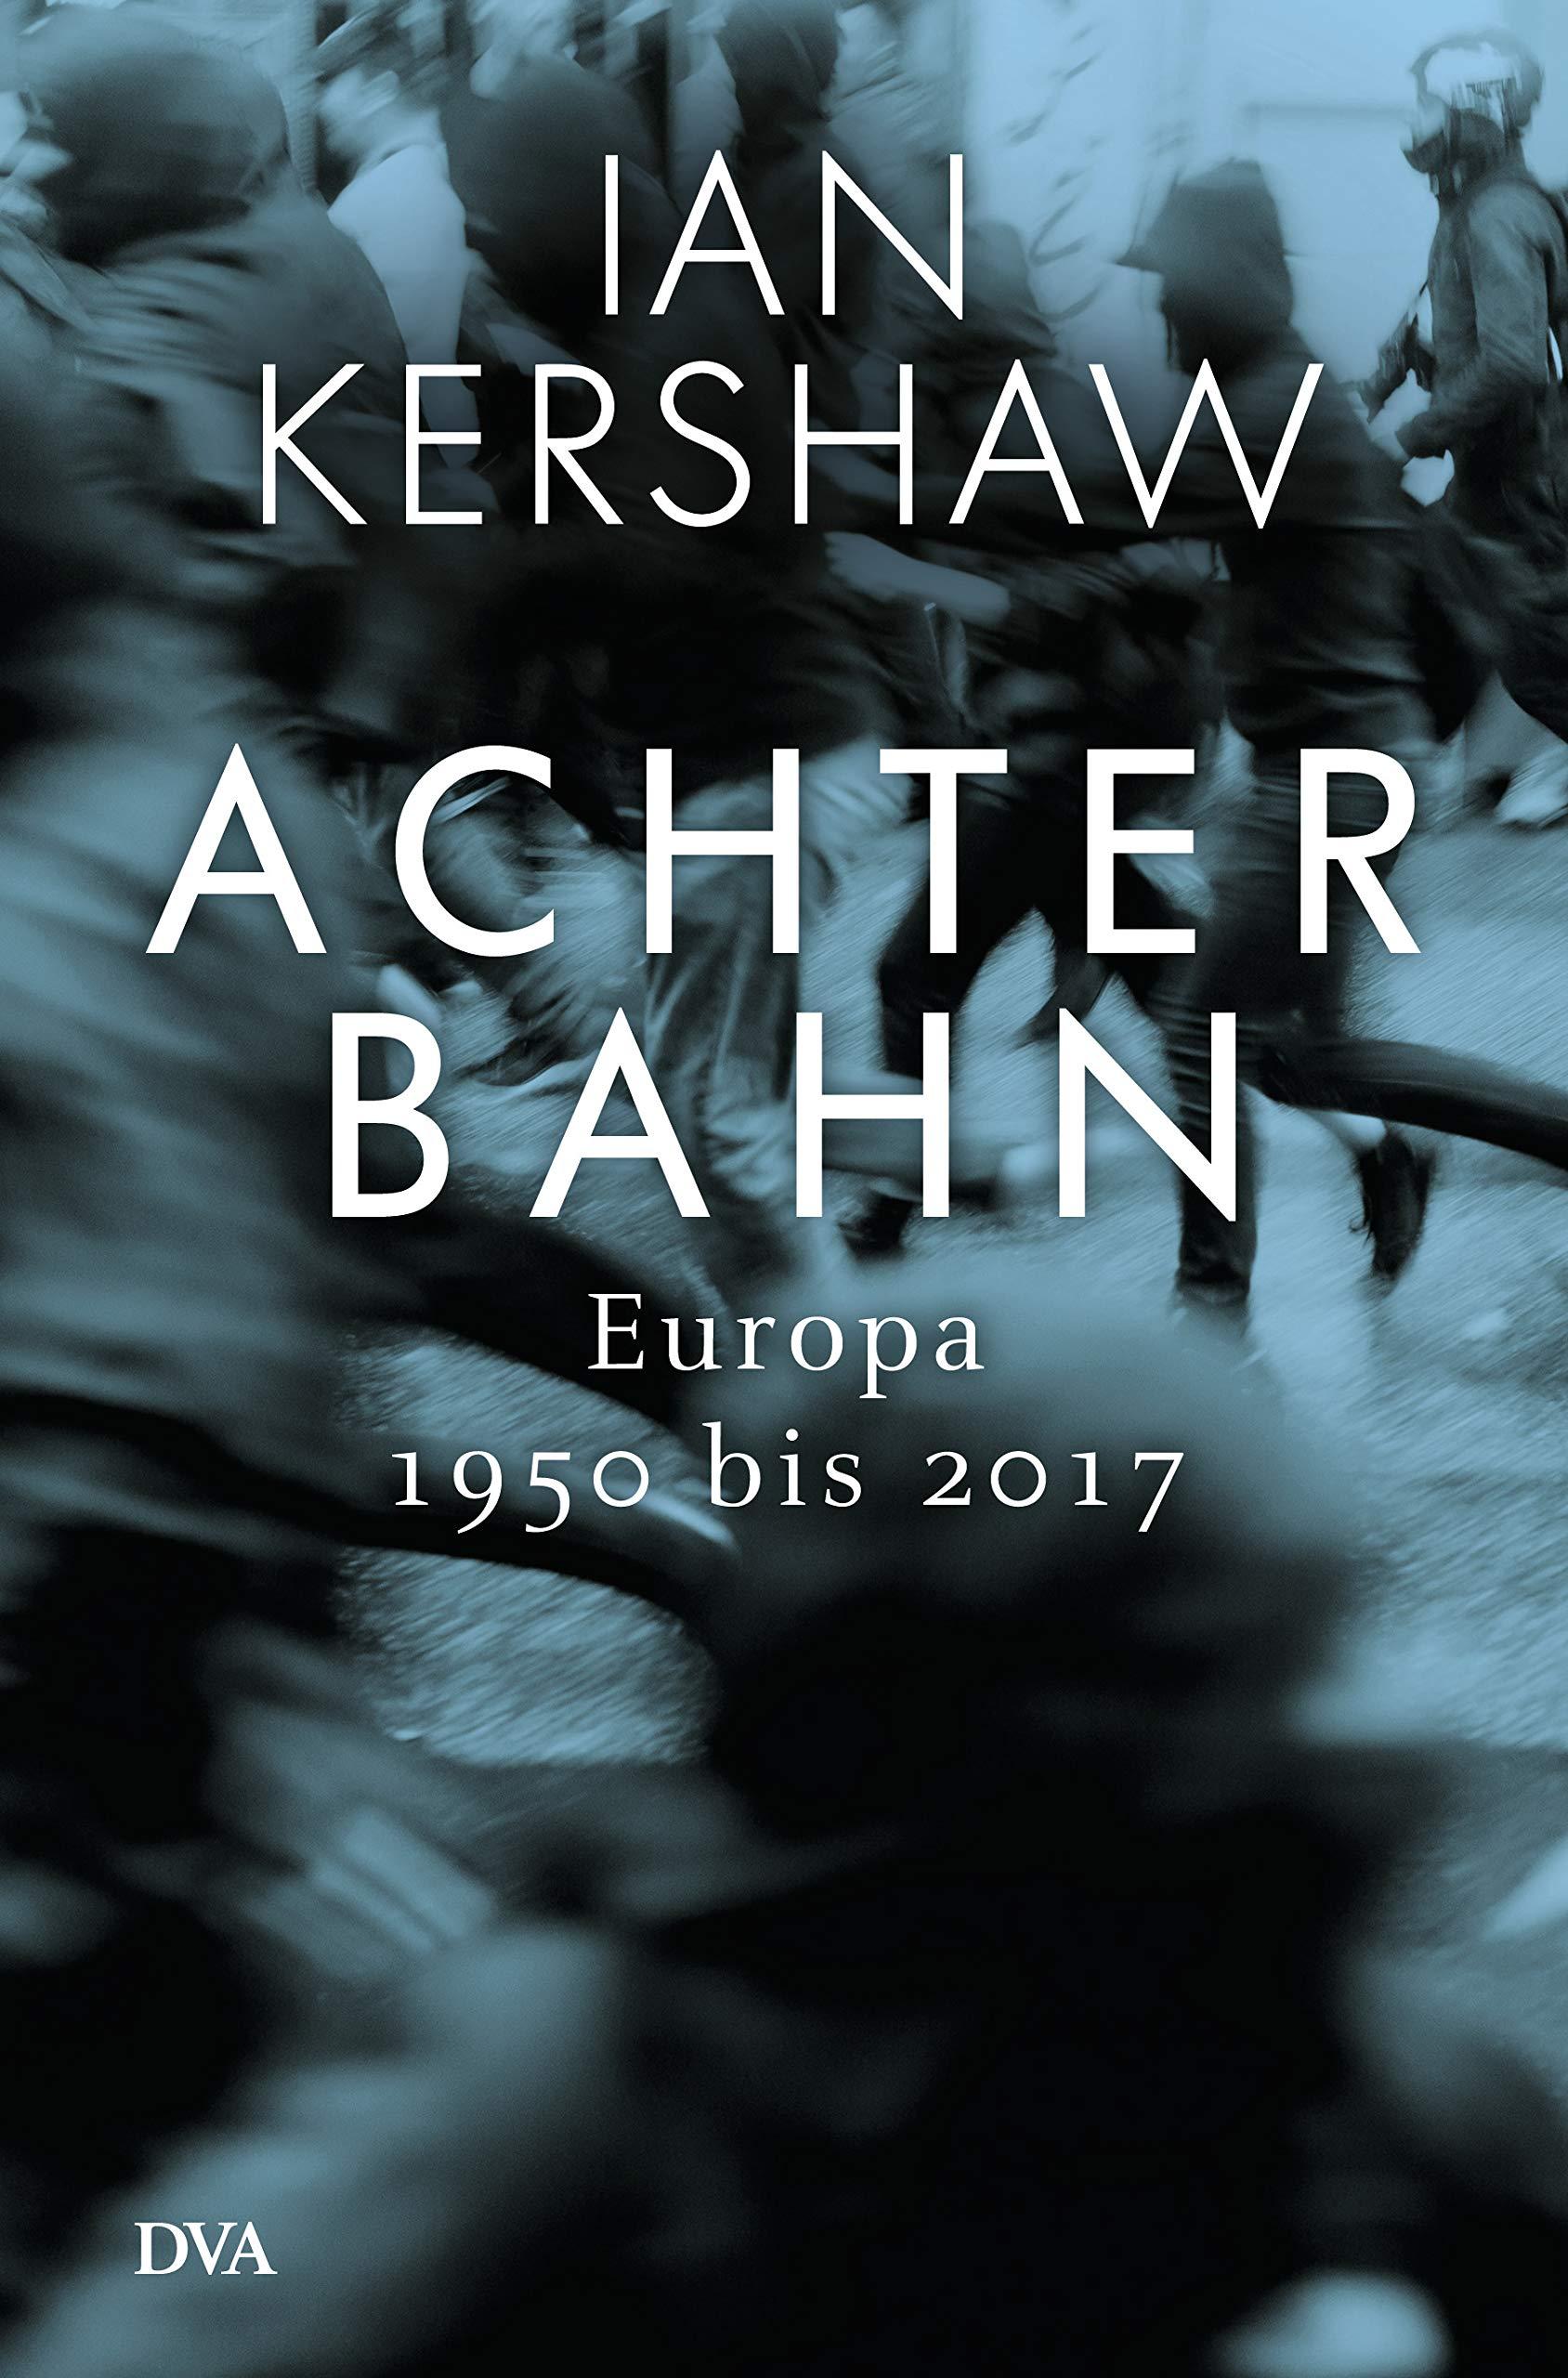 Achterbahn: Europa, 1950 bis 2017 Gebundenes Buch – 11. März 2019 Ian Kershaw Klaus-Dieter Schmidt Deutsche Verlags-Anstalt 3421047340